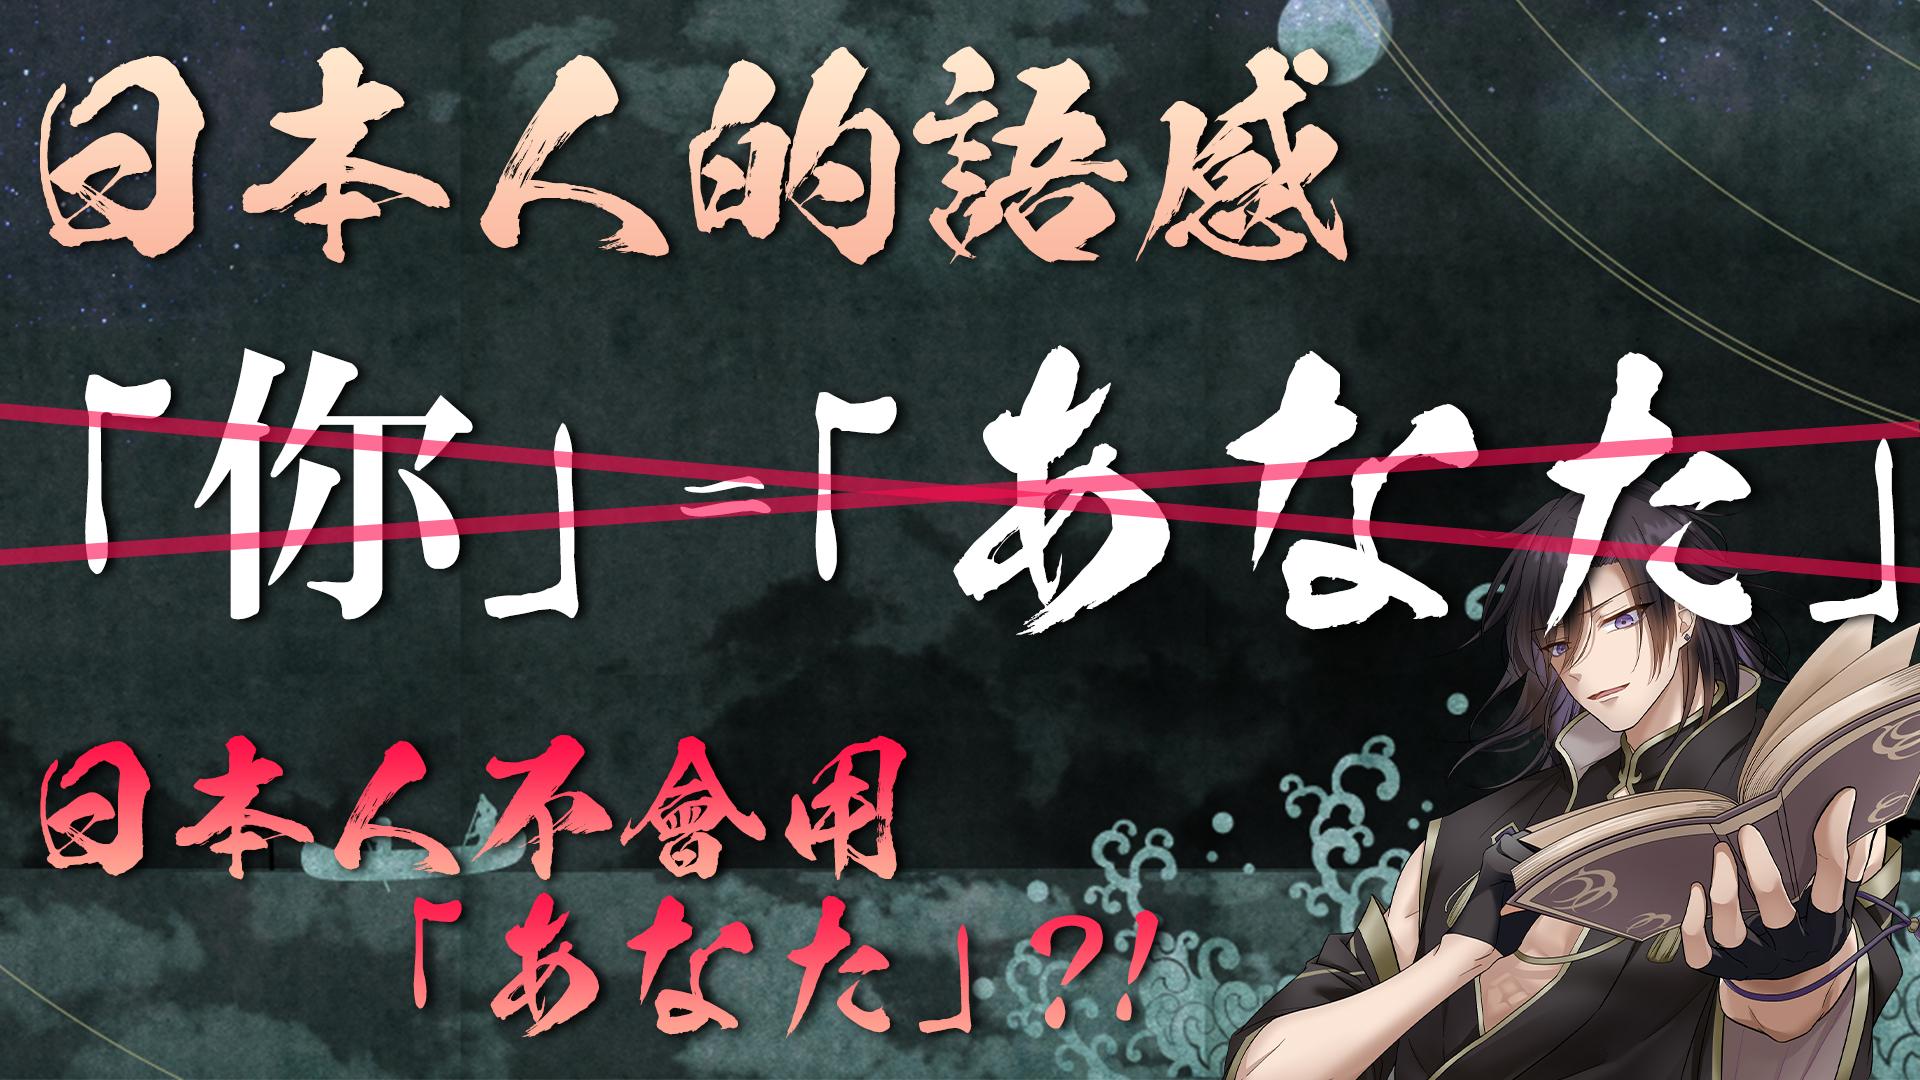 中文的「你」要怎麼翻成日文? 日本人不會用「あなた」,真的嗎!? /「你」はどう訳す?日本人は「あなた」を使わない?!